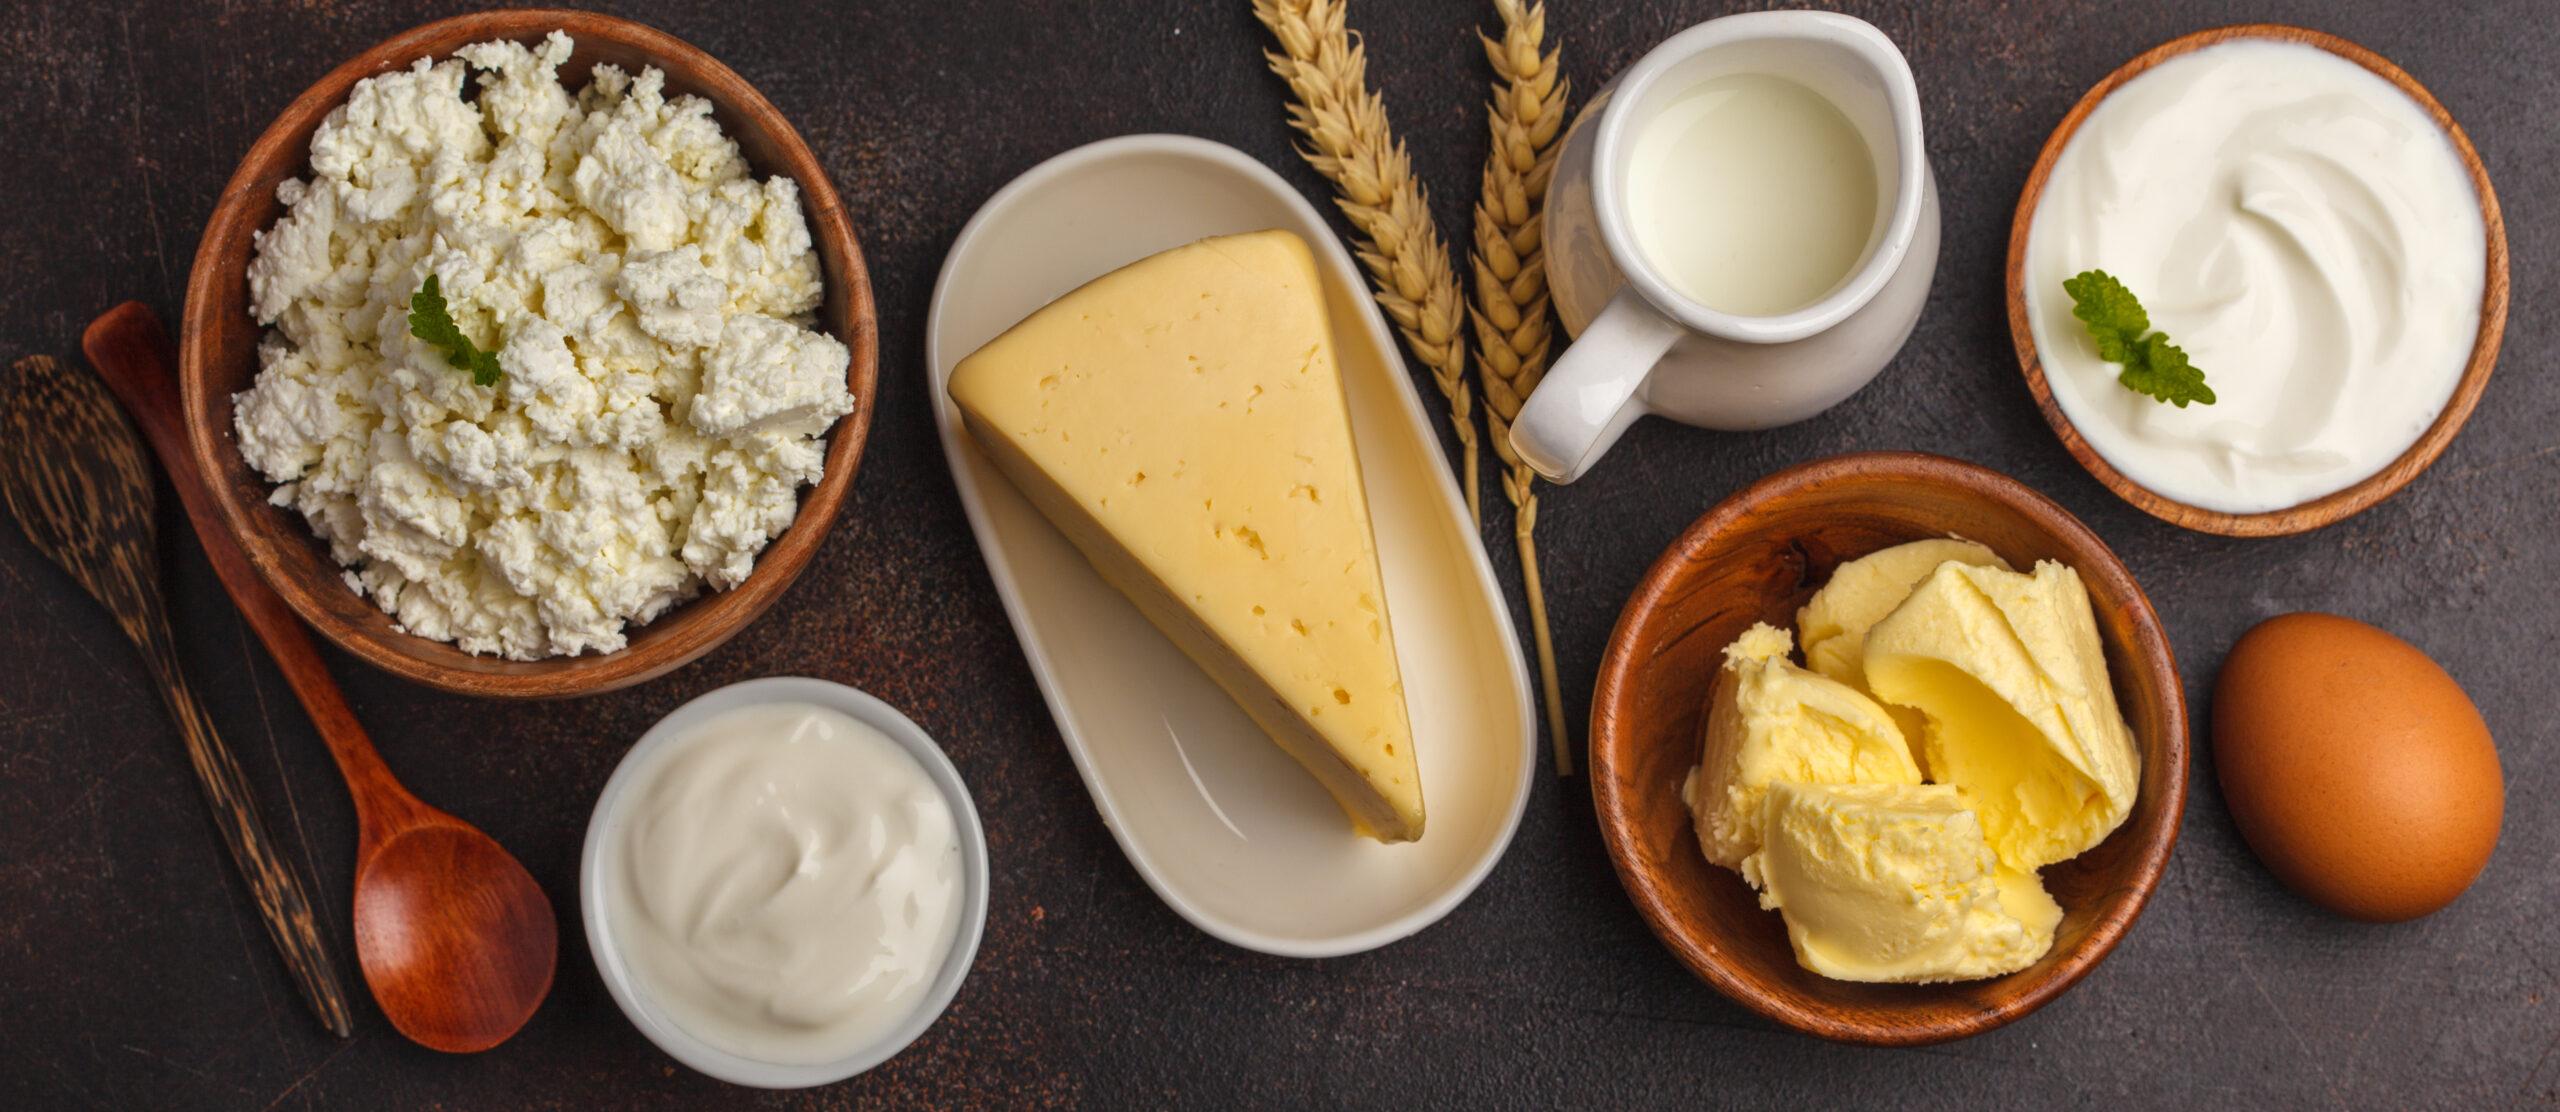 Få det bedste ud af din ost